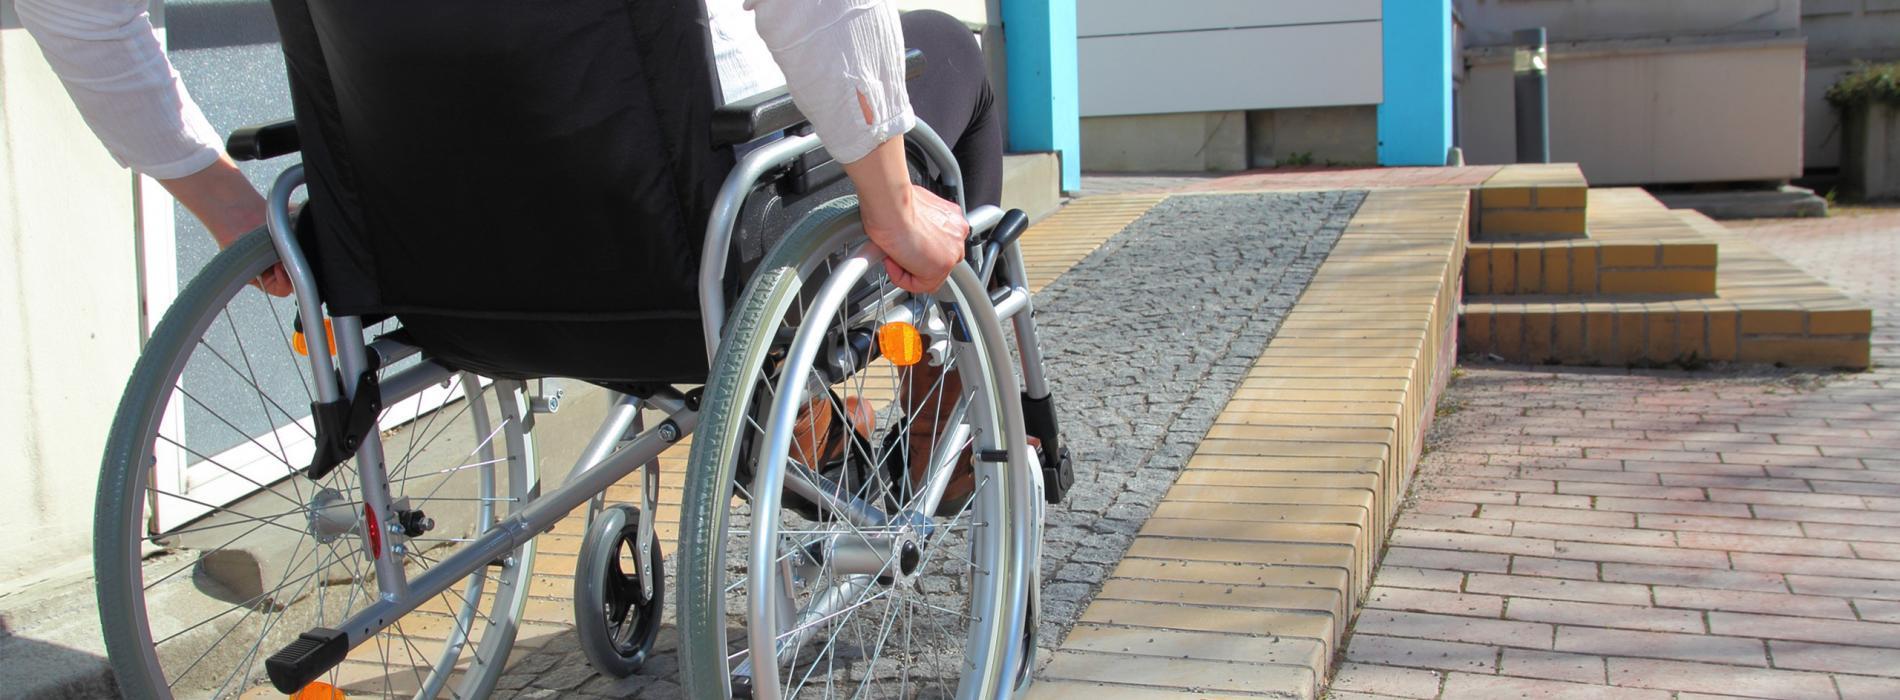 Пешеходные маршруты для людей с инвалидностью появятся в Москве